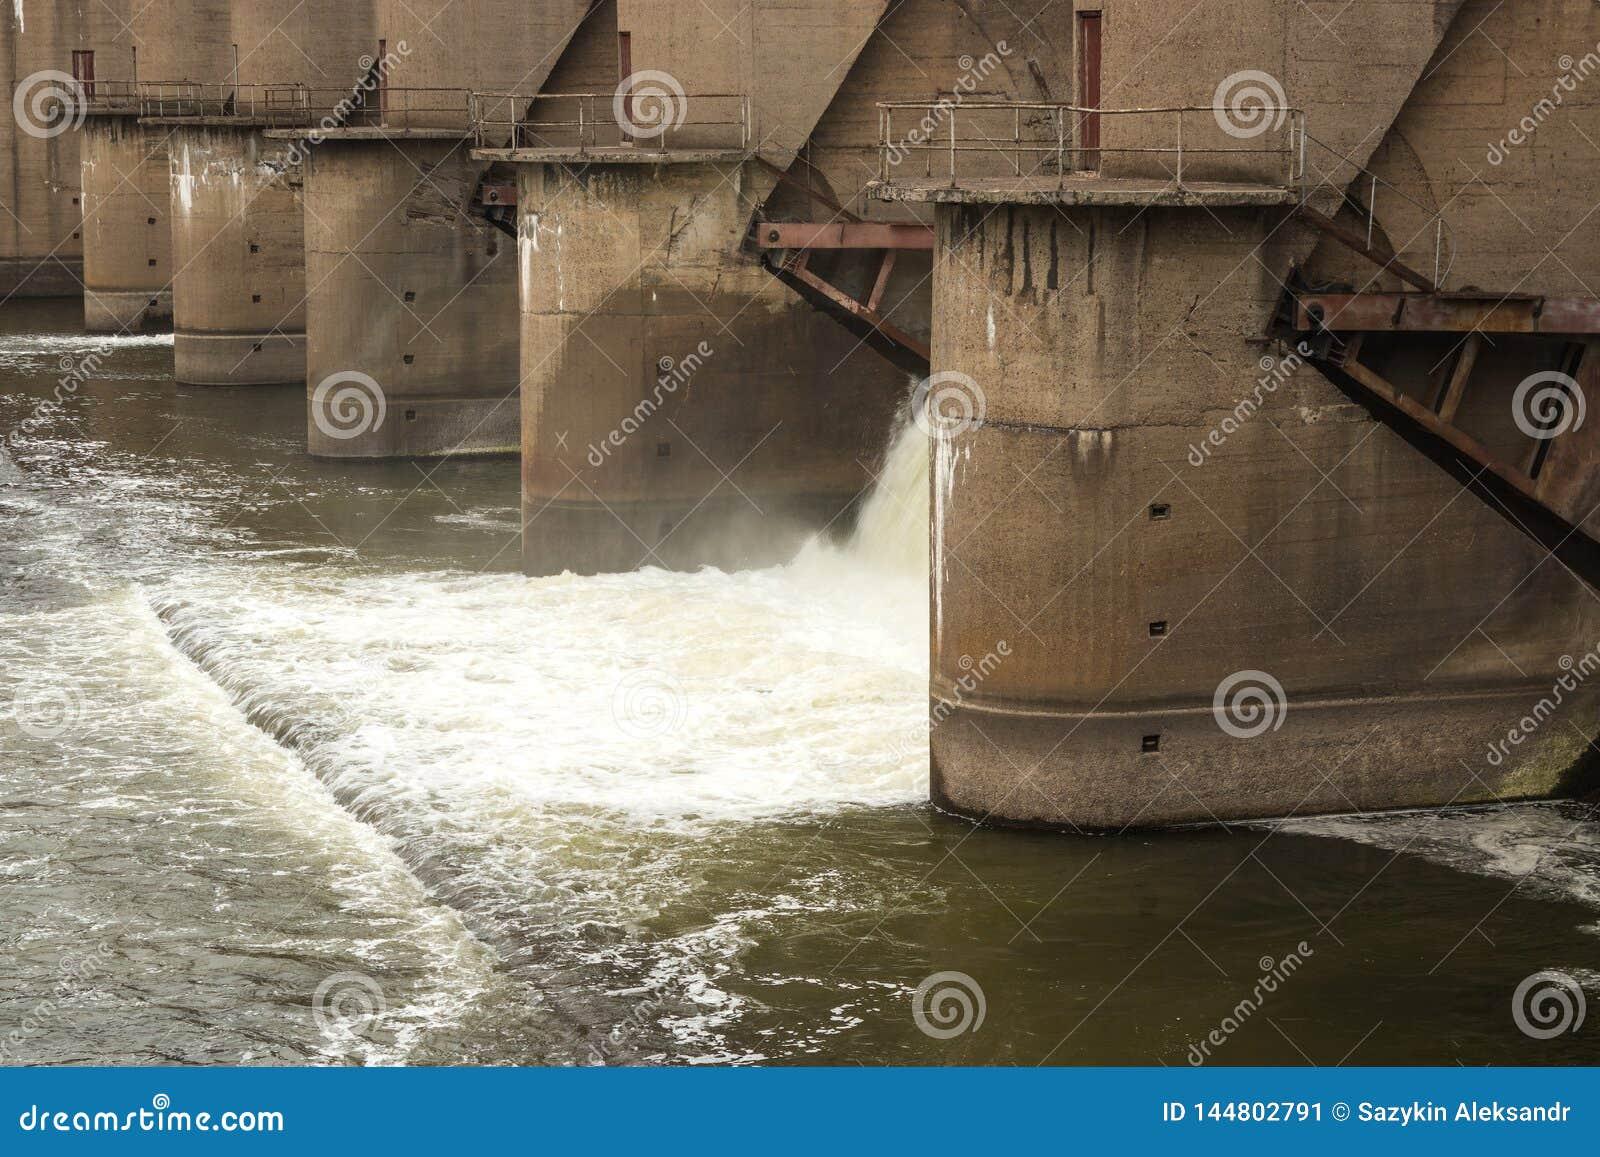 Descarga del agua durante el snowmelt de la primavera en la presa de Perervinsk instalada en el río de Moscú, para mantener el